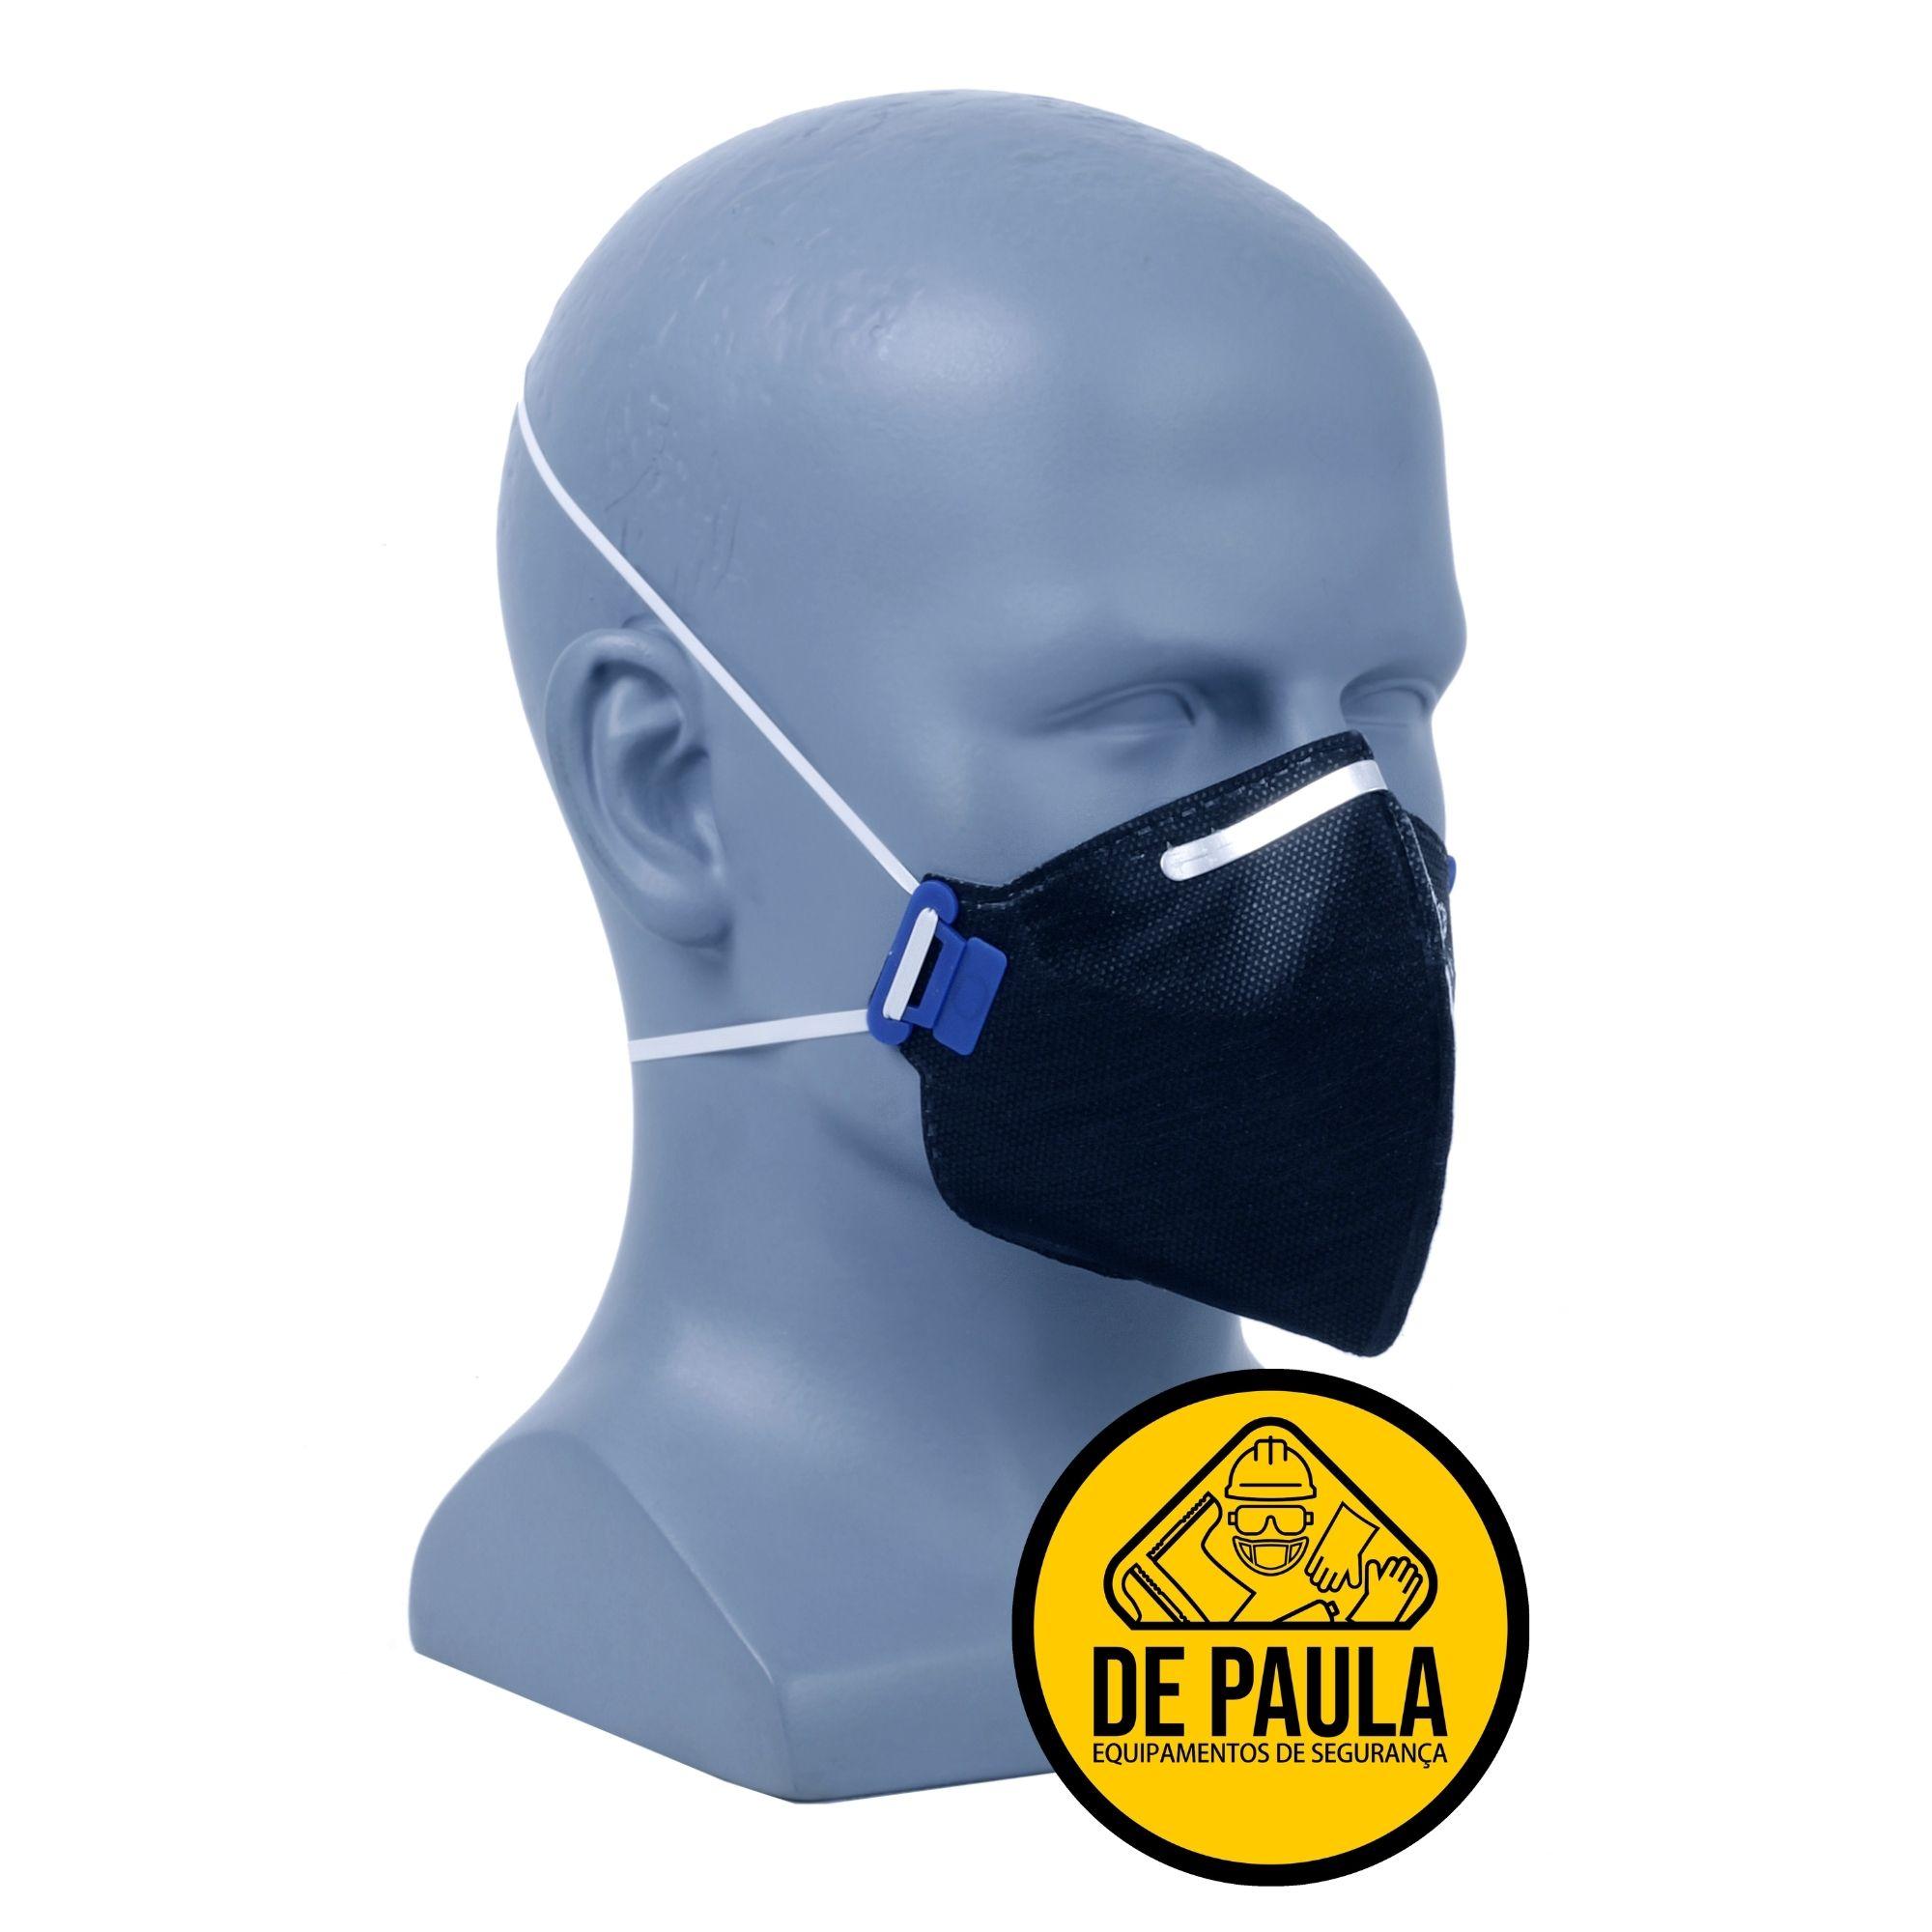 Kit de proteção saúde 2x PFF2 s/ valv, protetor pele, oculos  - DE PAULA EPI